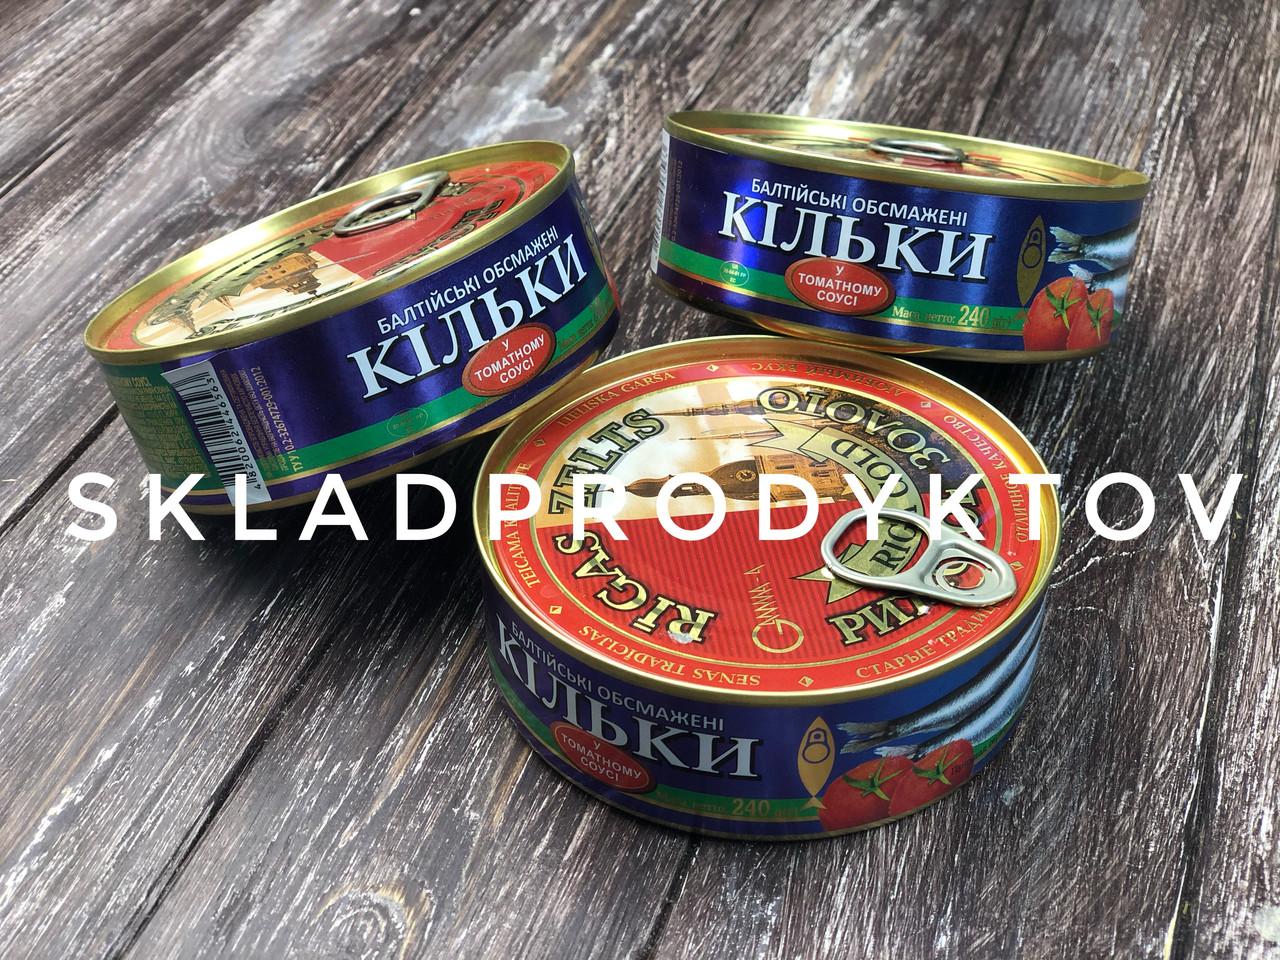 Килька обжаренная в томатном соусе Рижское золото 240г